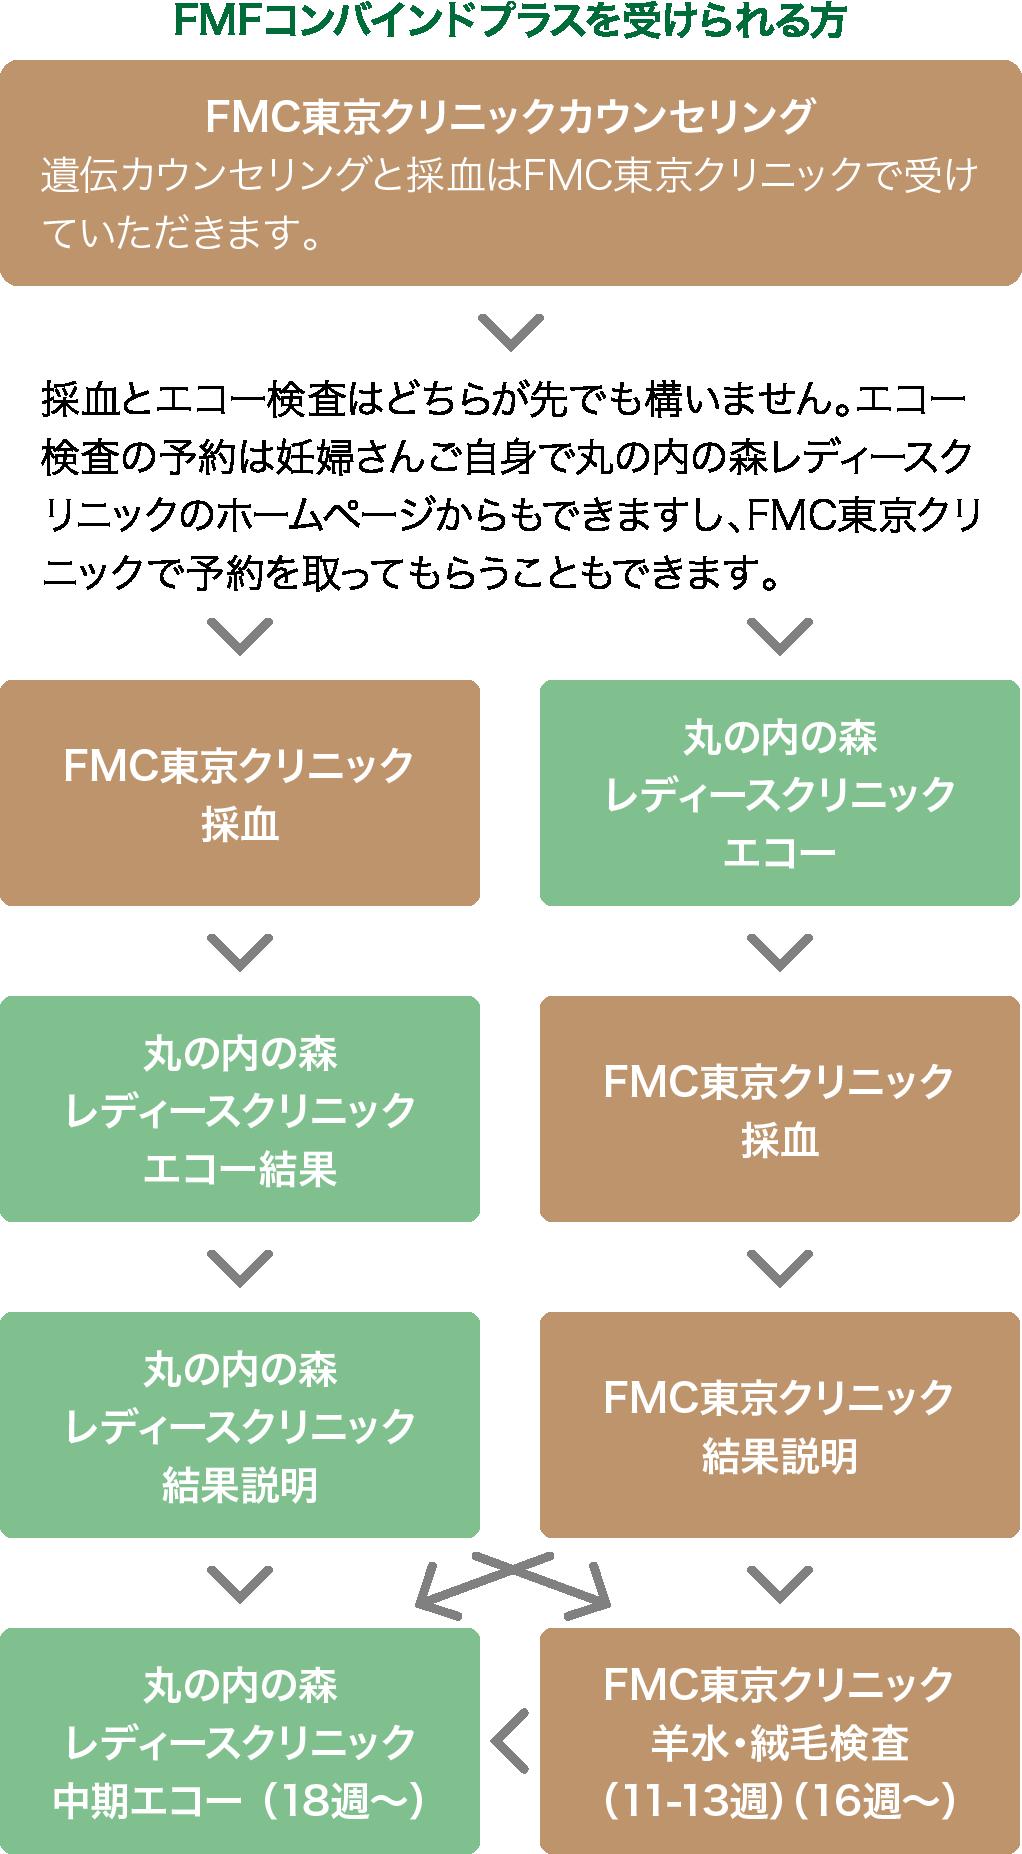 「検査の流れ」 - FMFコンバインドプラスを受けられる方 -